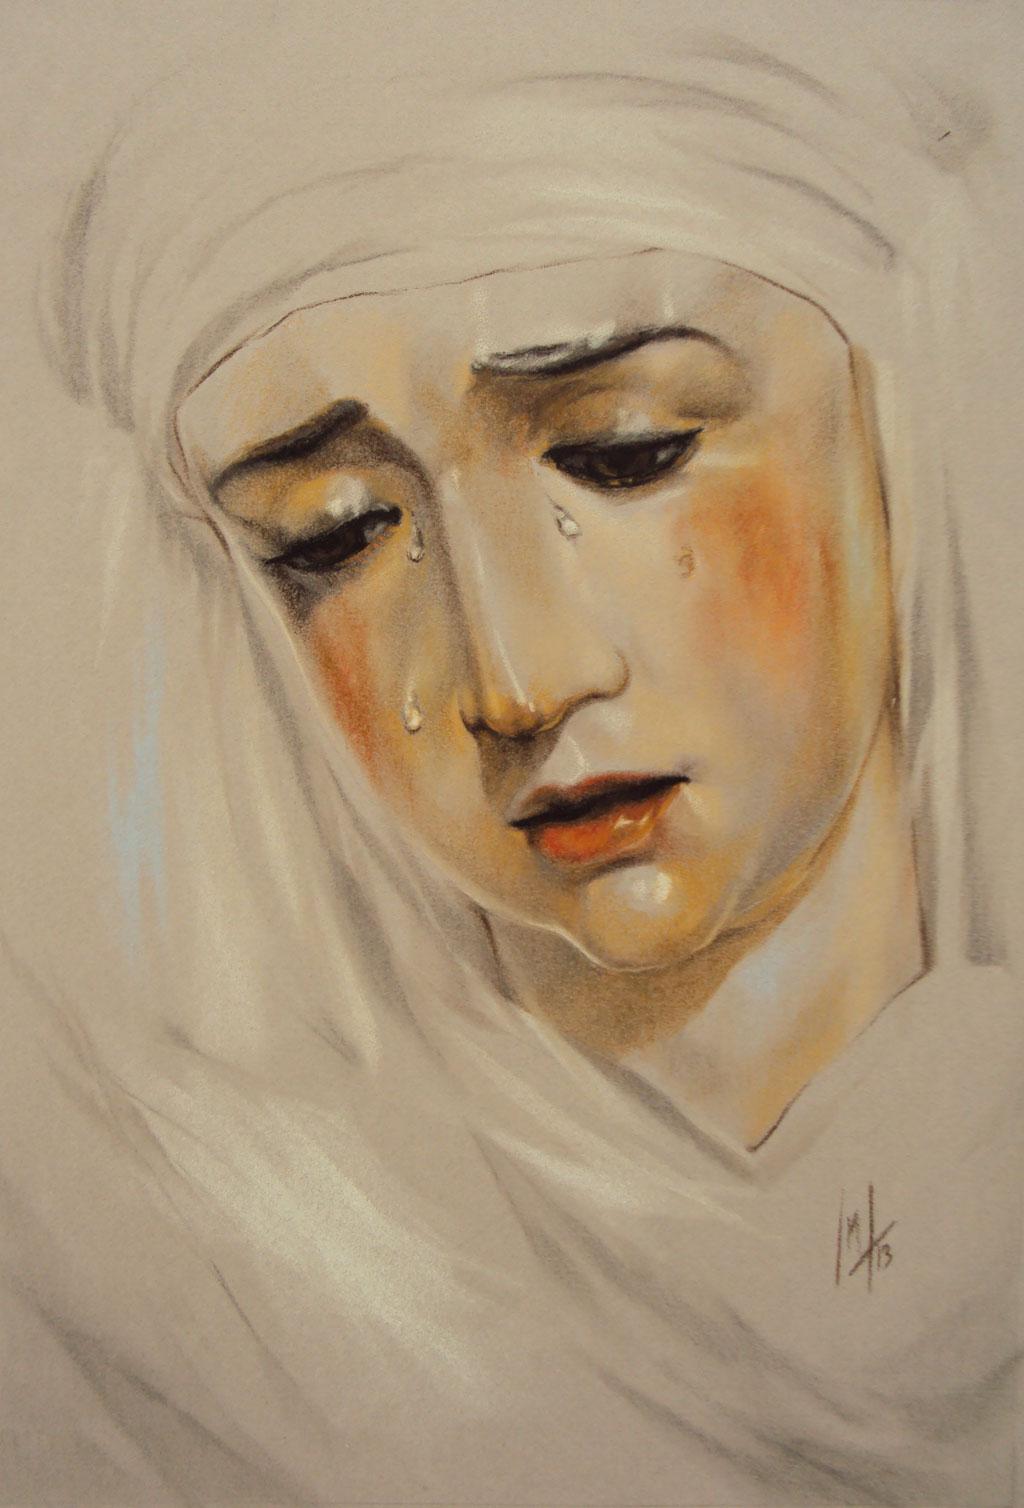 Retrato a pastel de la Virgen de la Piedad por la Artista Plástica Inma Peña en 2013